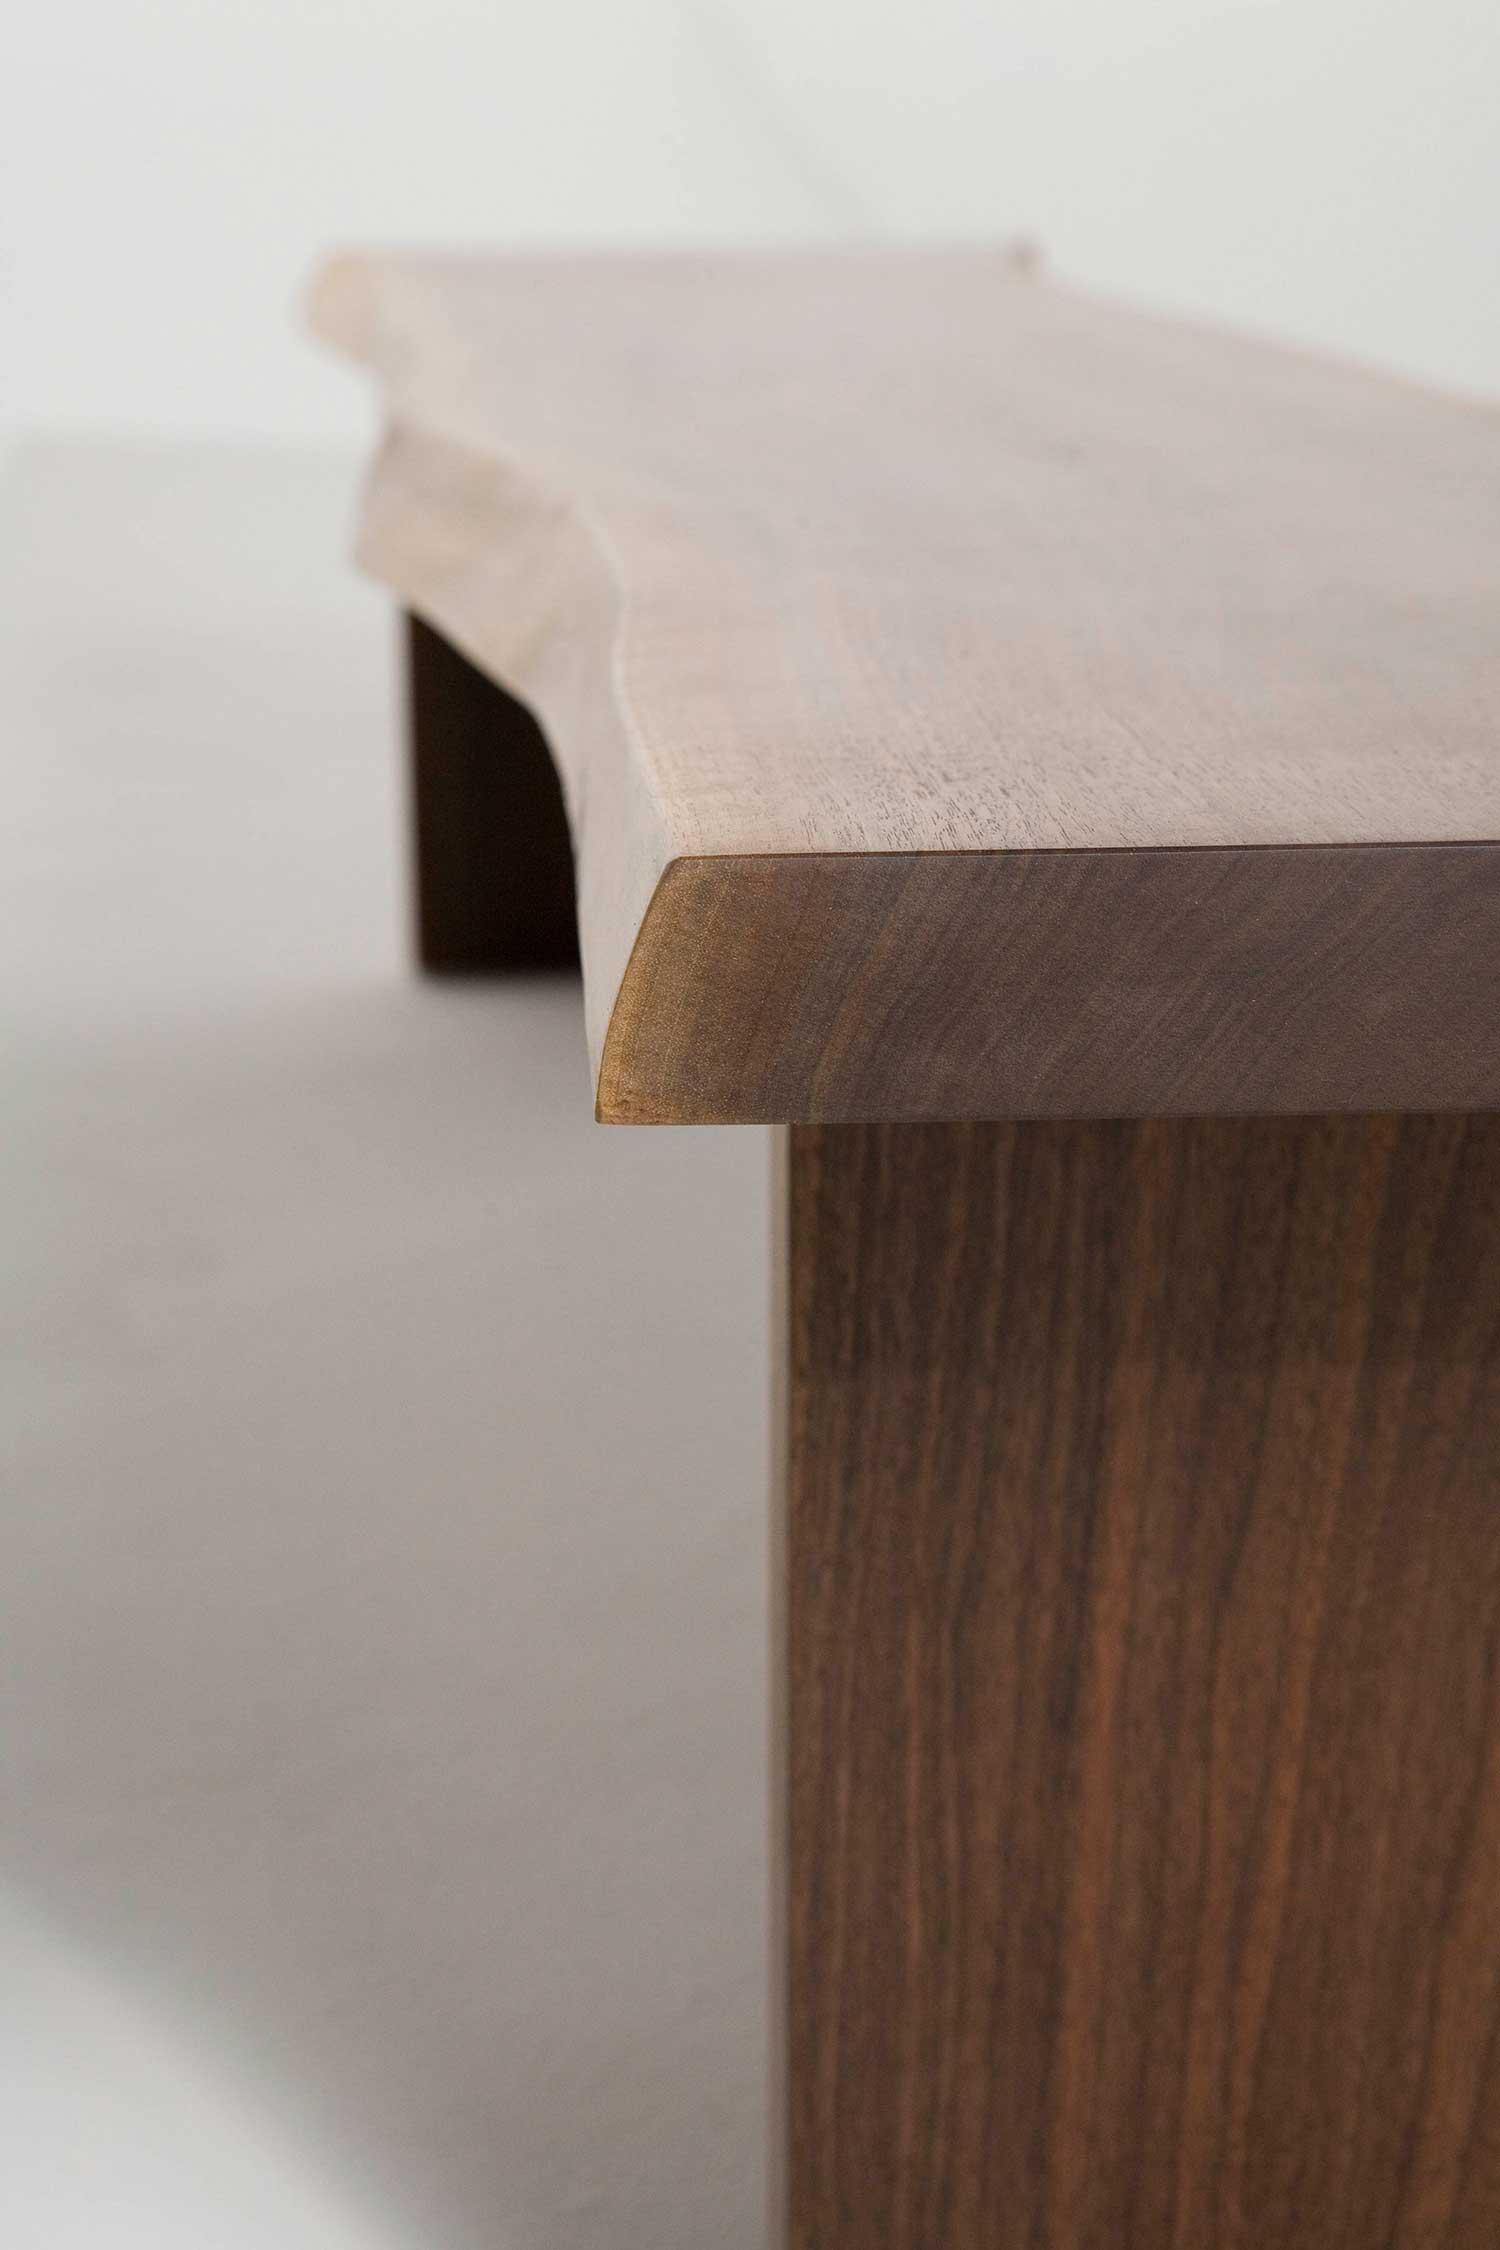 wickham-walnut-sinew-bench2-daniel-vera-photo.jpg